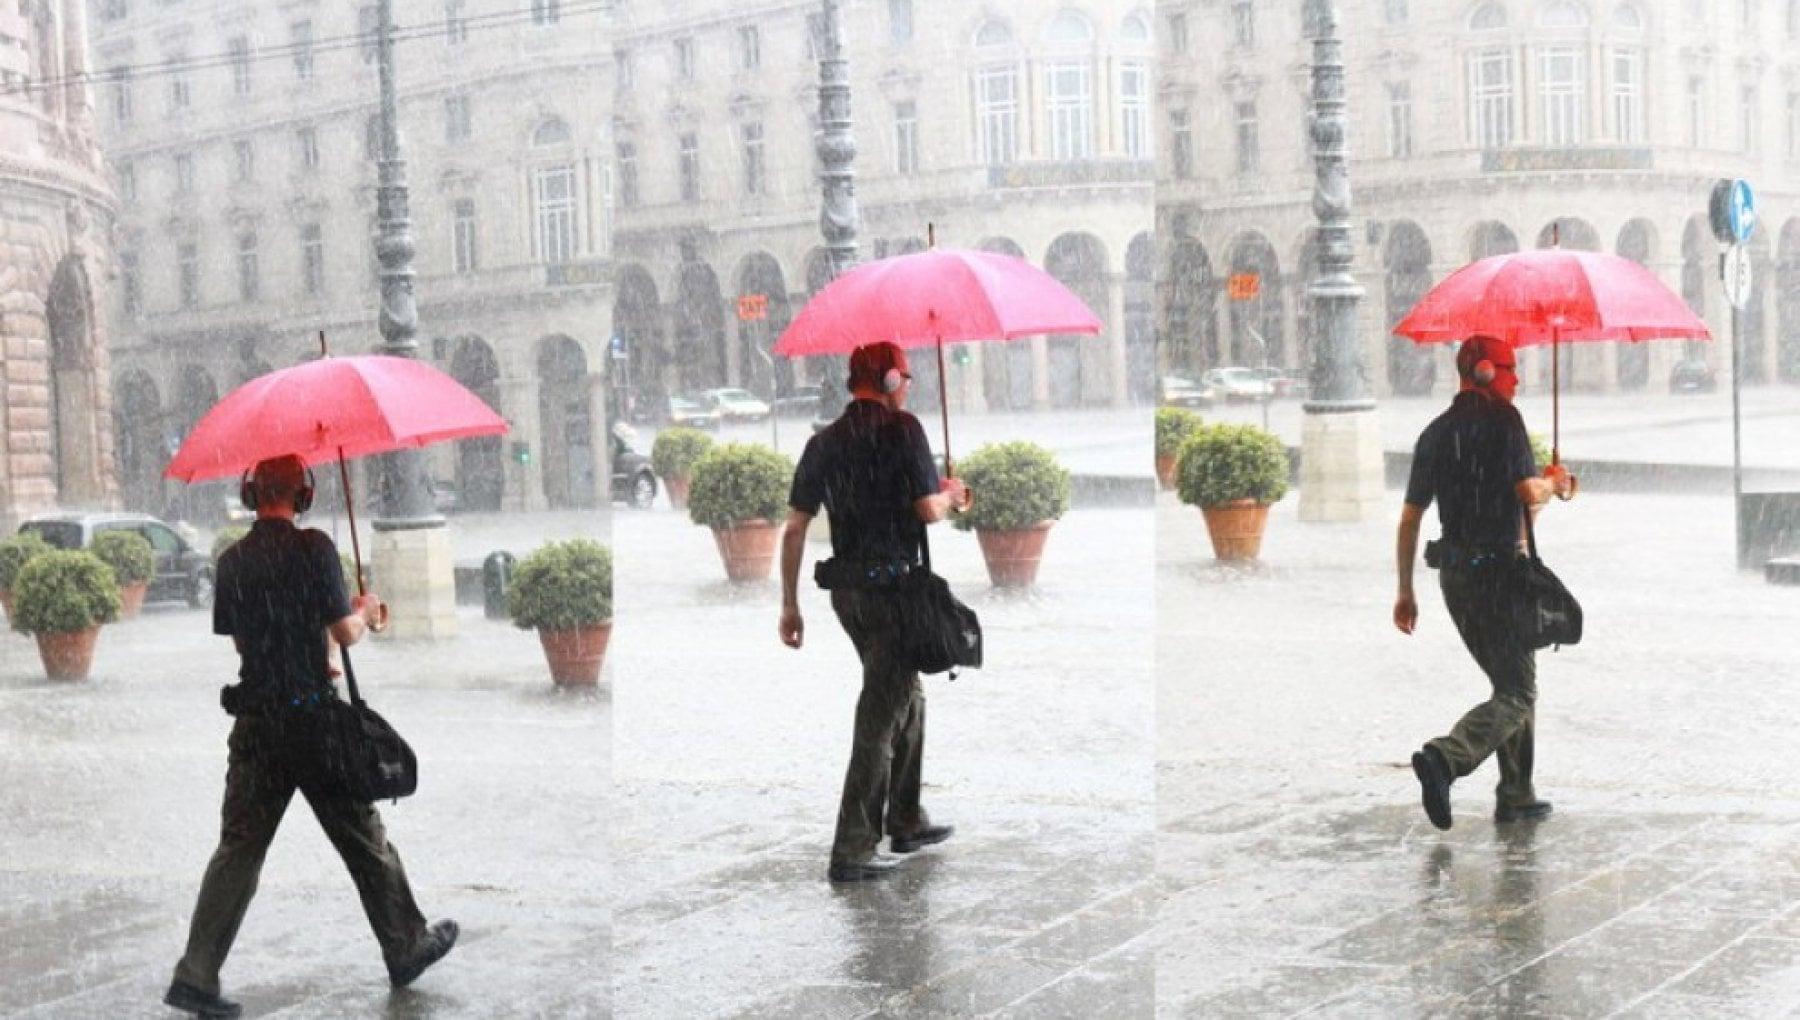 105617242 717dcaeb 7c6b 4e62 ae2f 5d35e74e6836 - Previsioni meteo, prove d'estate, ma da domenica tornano nuvole e pioggia